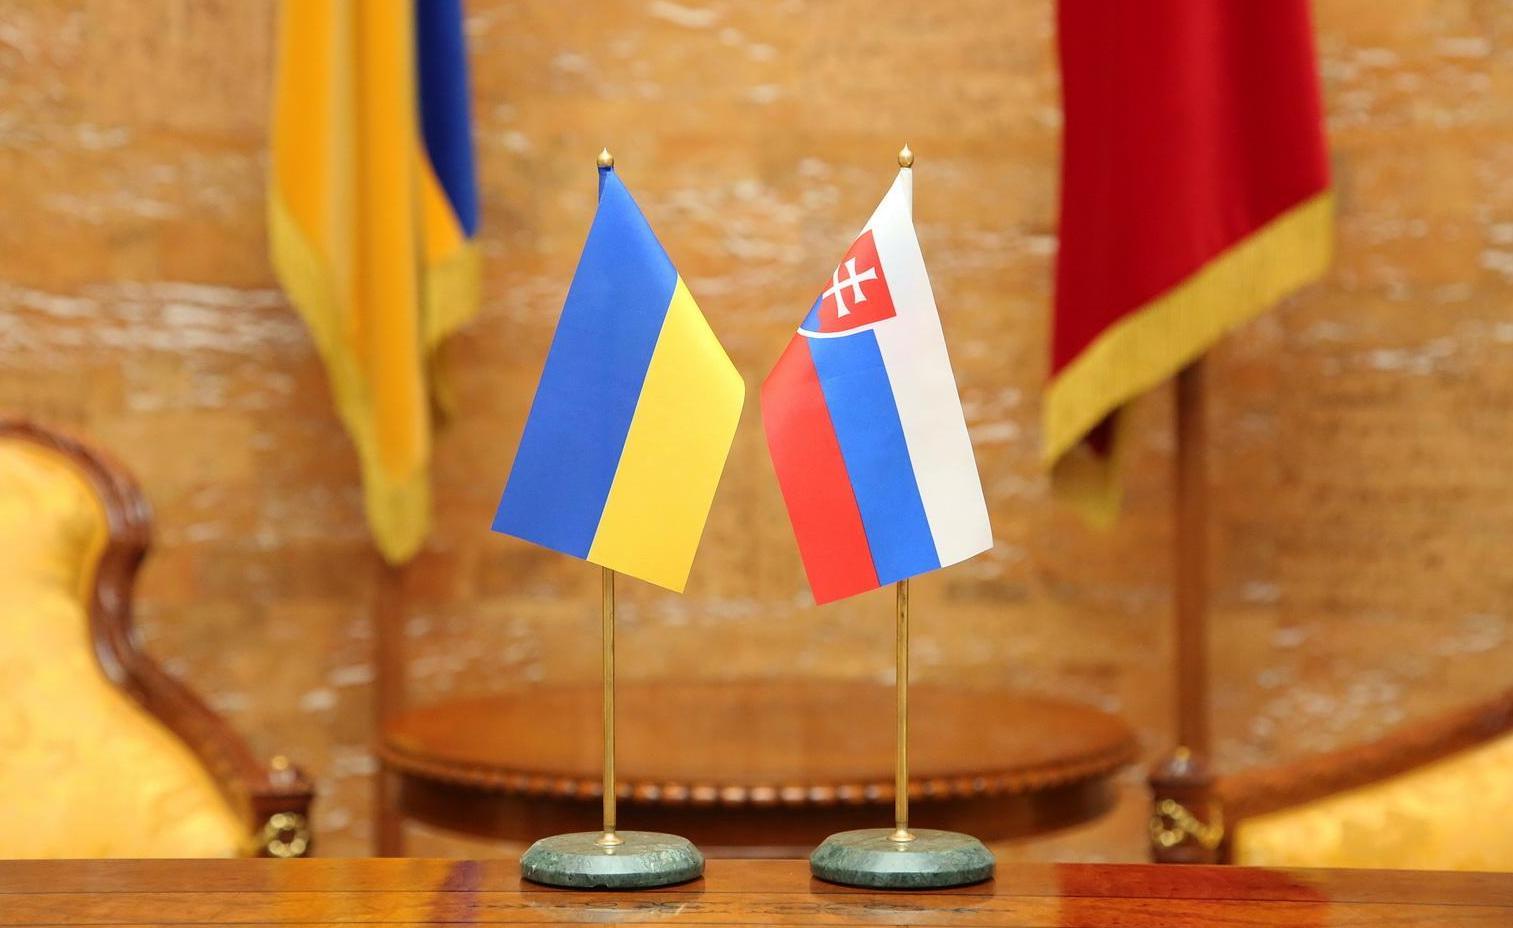 15 січня у Харкові відкриють Почесне консульство Словаччини